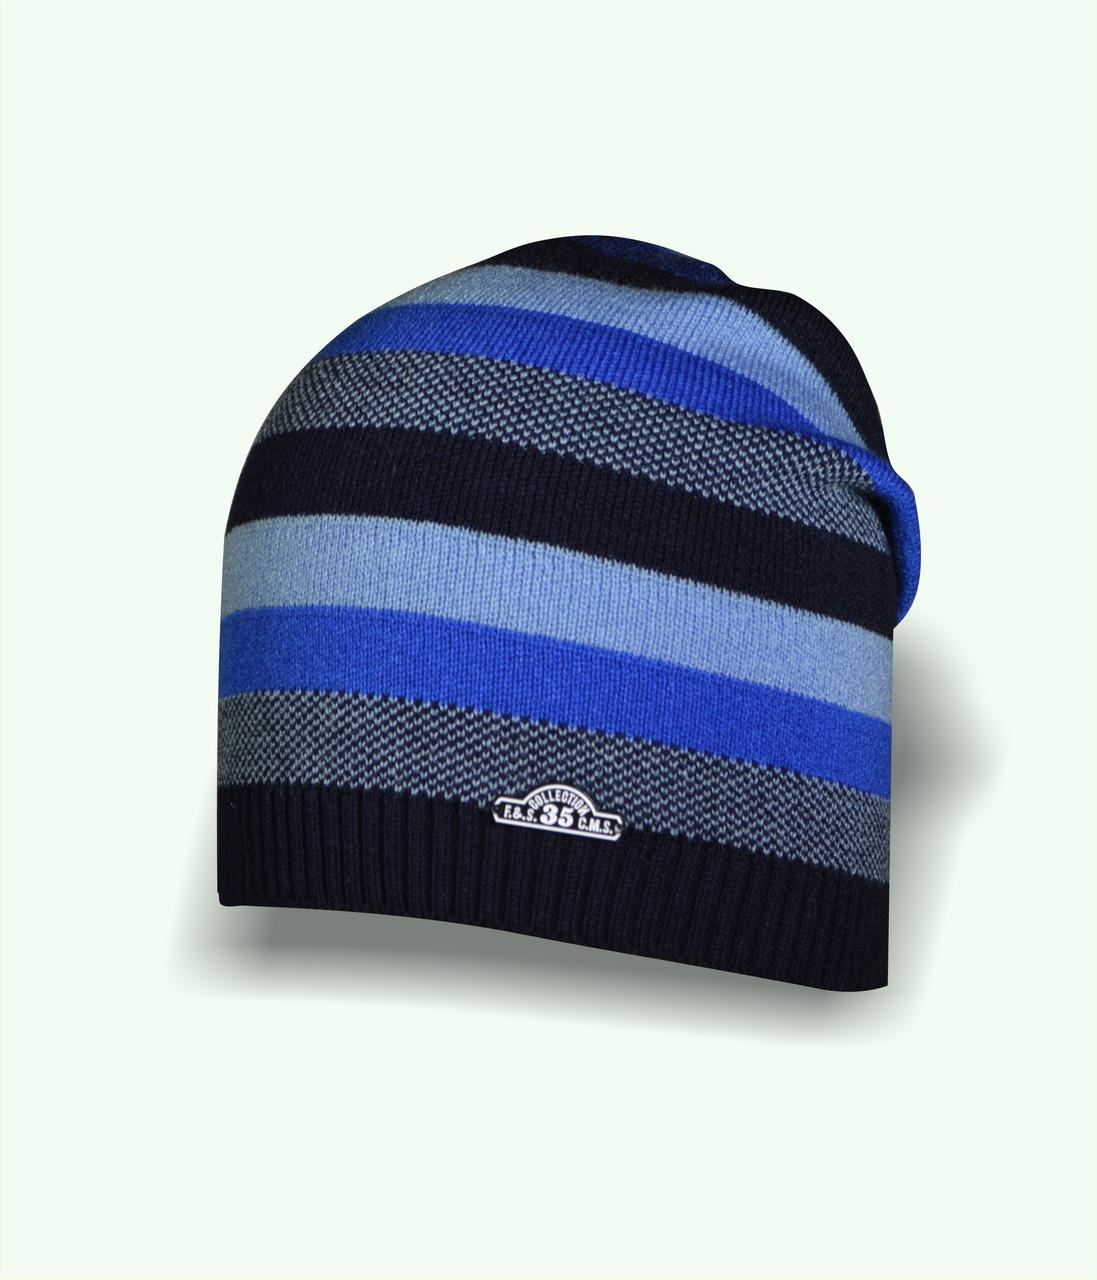 вязаная шапка для мальчика Fs цена 44 грн купить в харькове